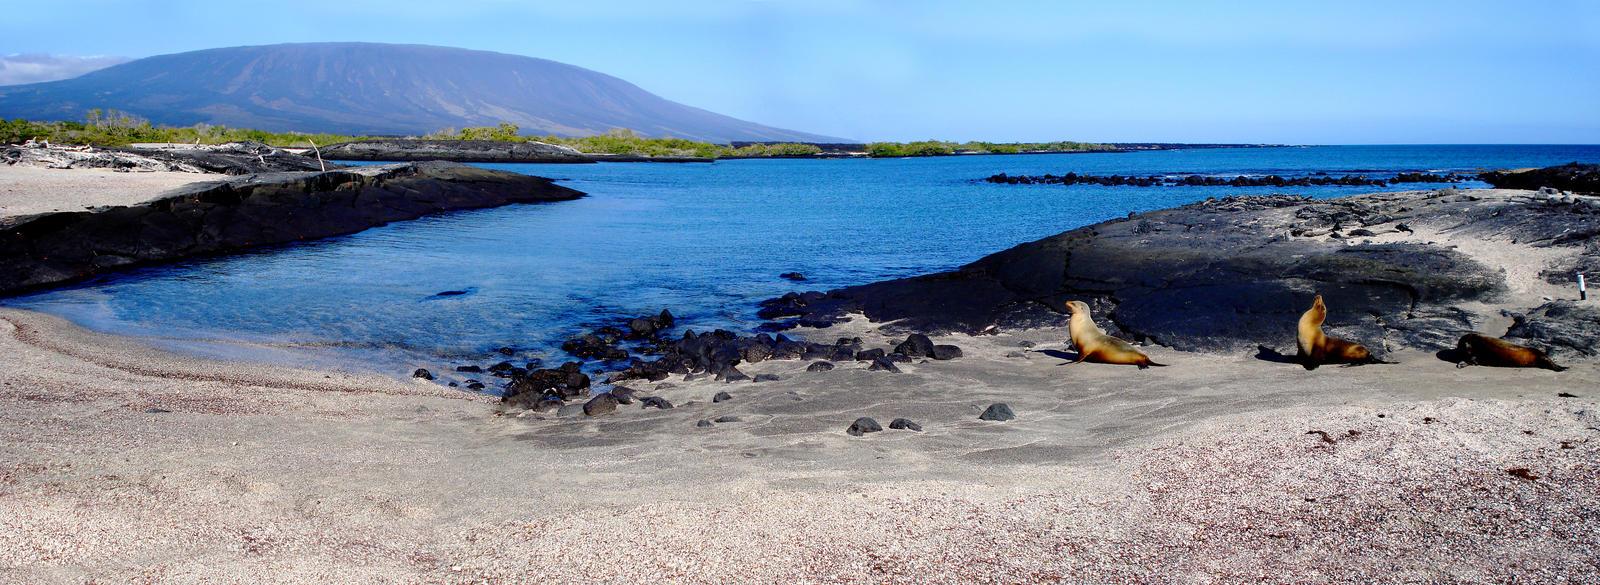 Landscape   galapagos   fernandina   panoramica 2